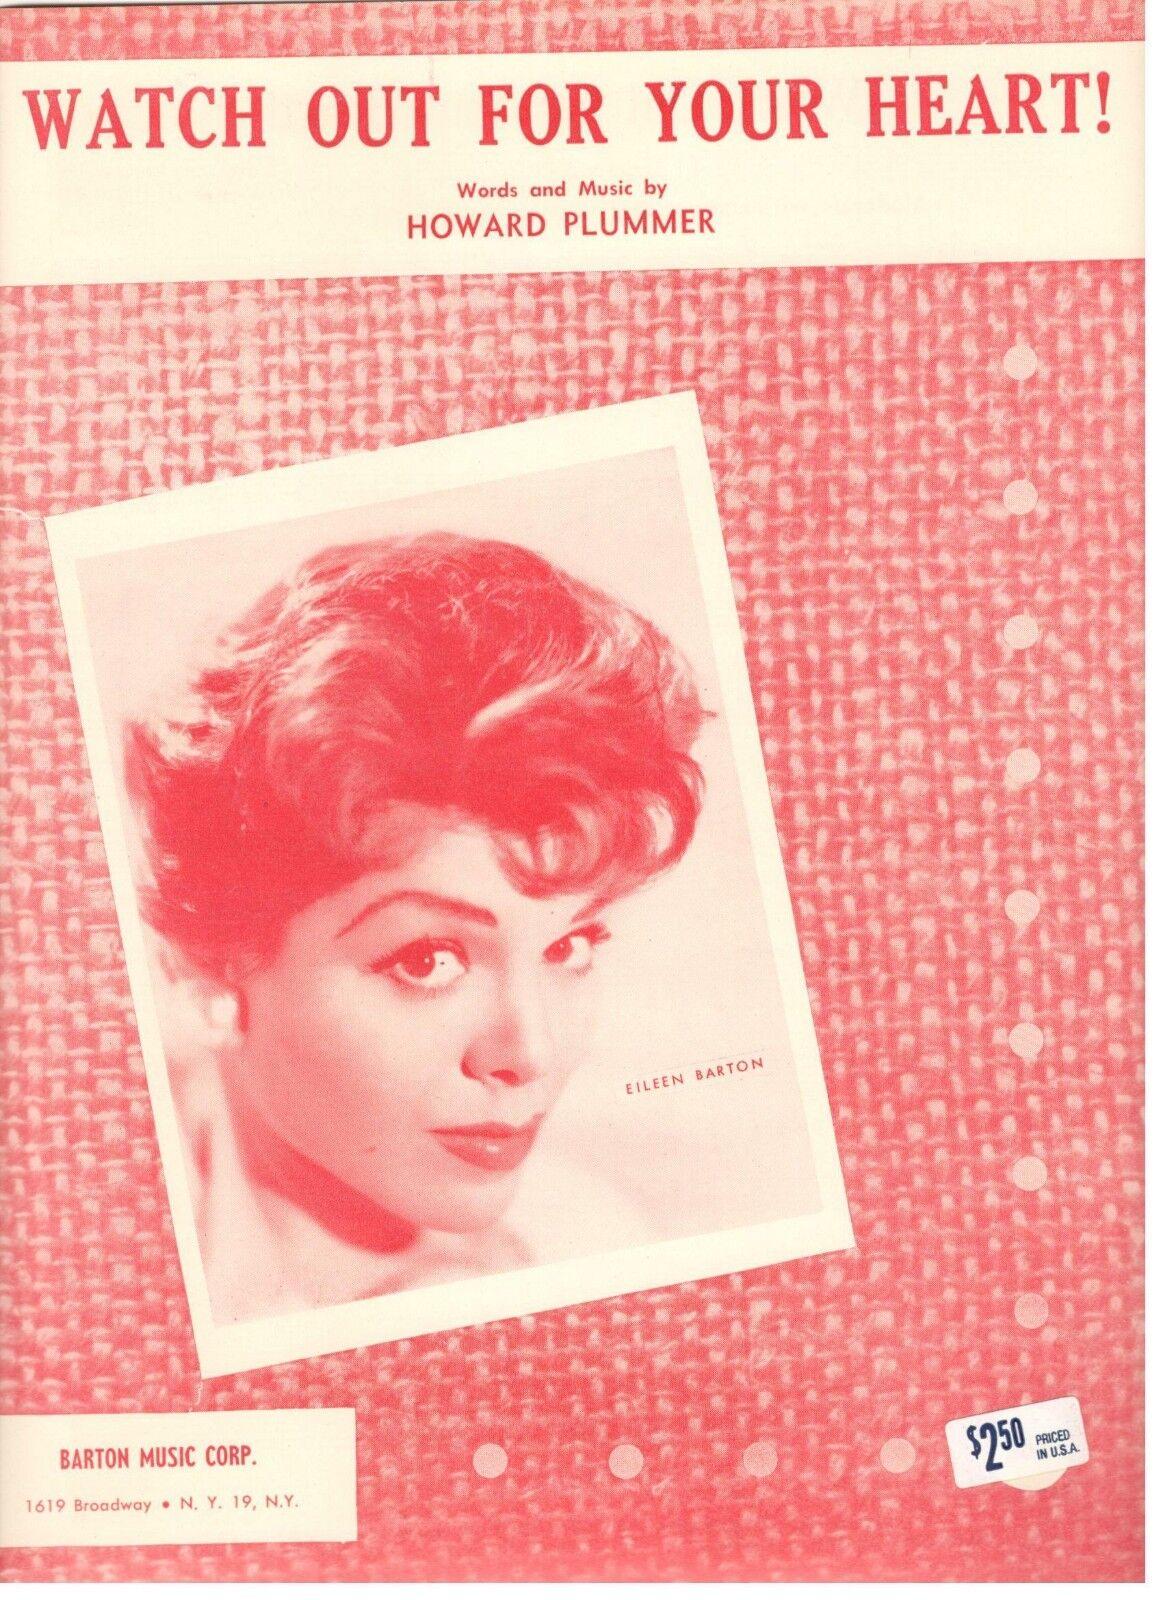 PLUMMER/EILEEN BARTON-WATCH OUT FOR YOUR HEART  SHEET MUSIC-1957-RARE-BRAND NEW